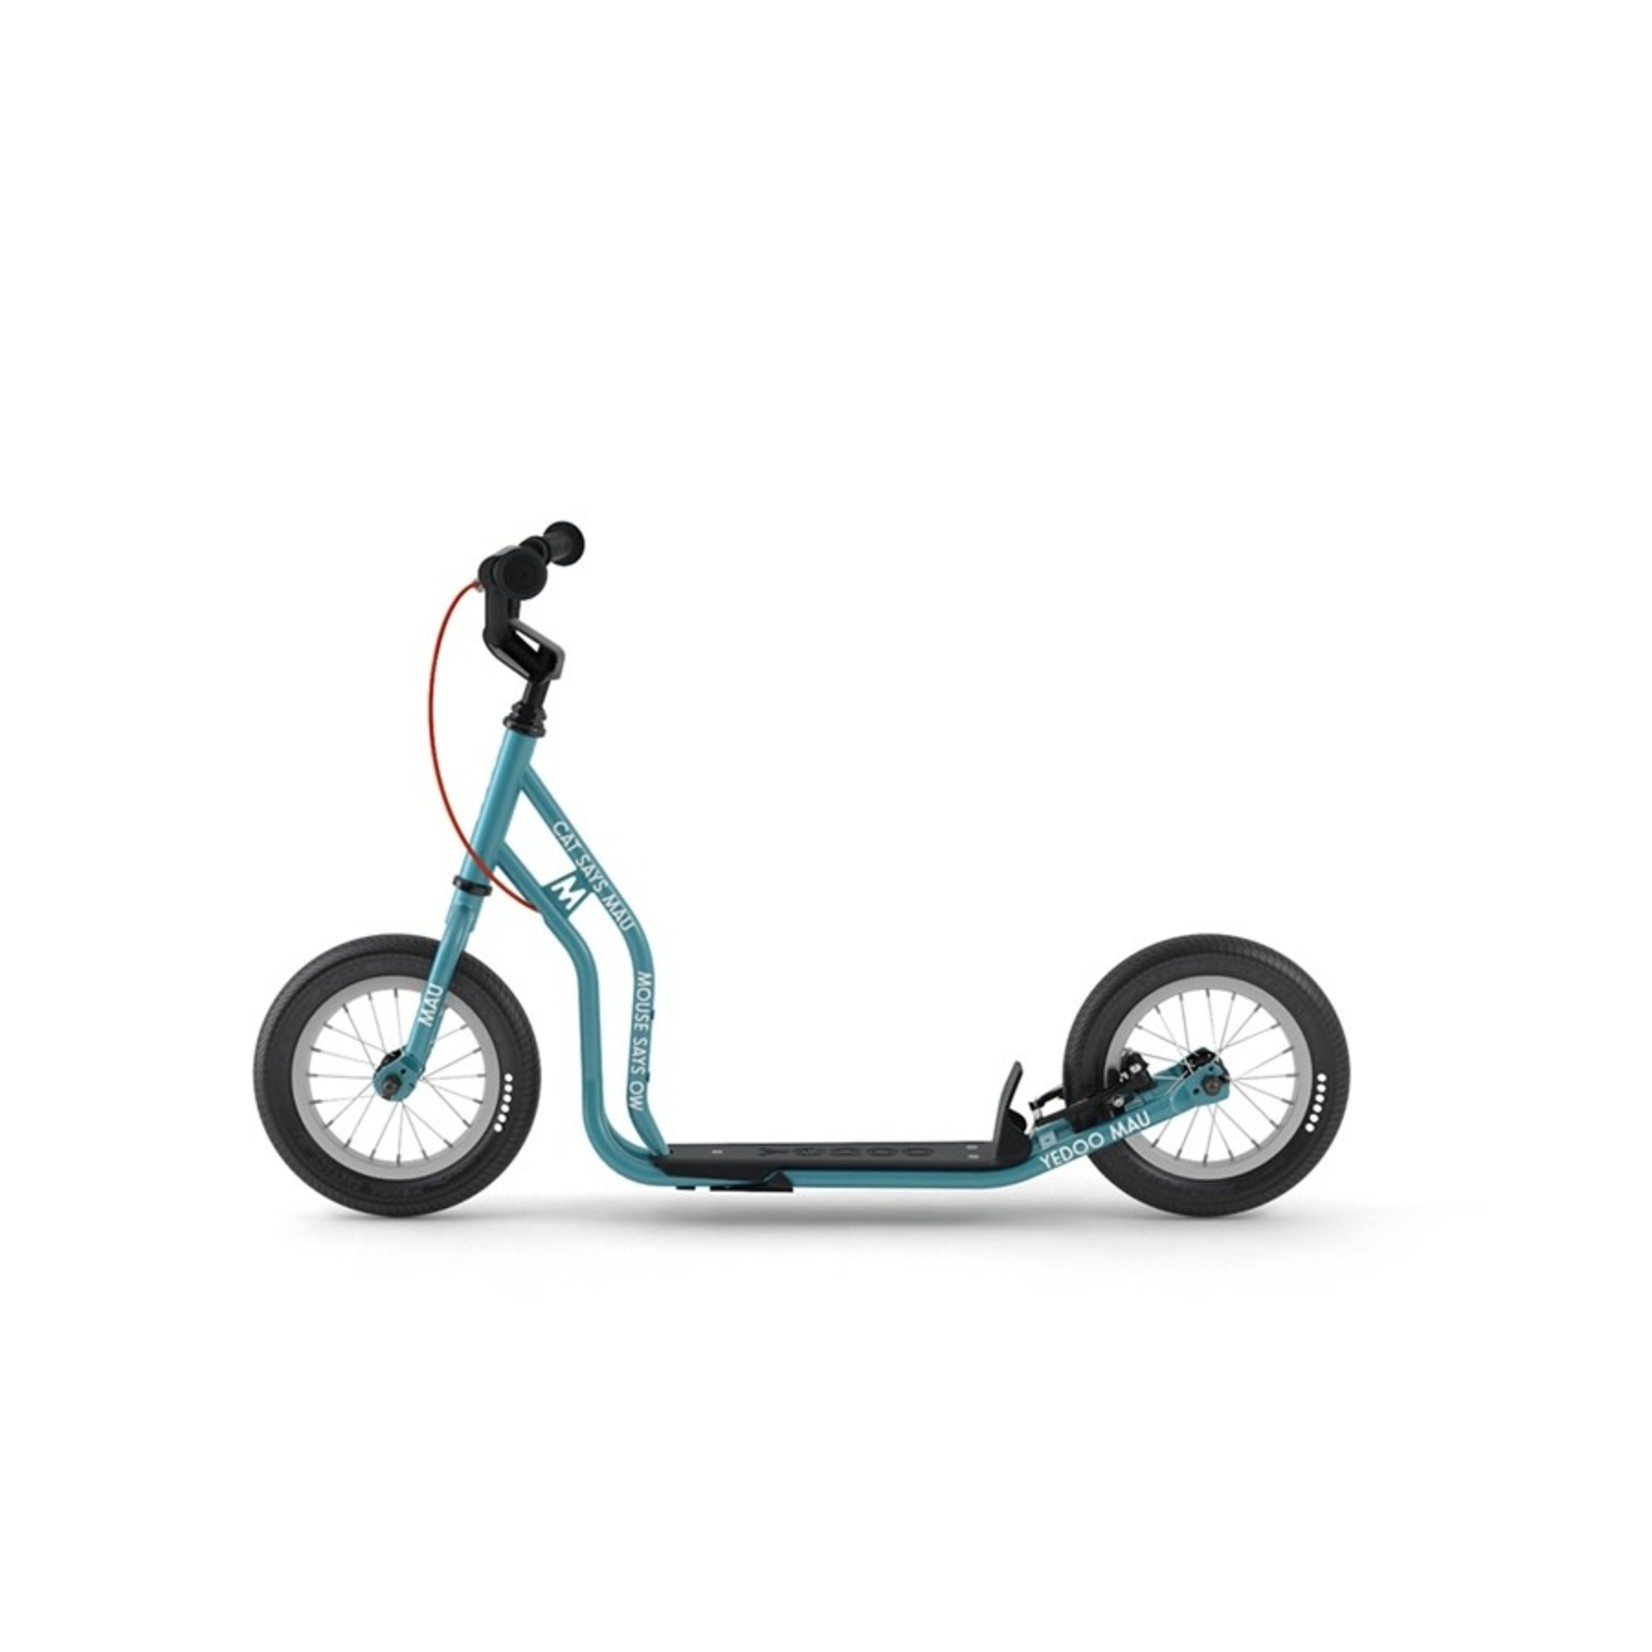 Yedoo Yedoo Scooter Mau